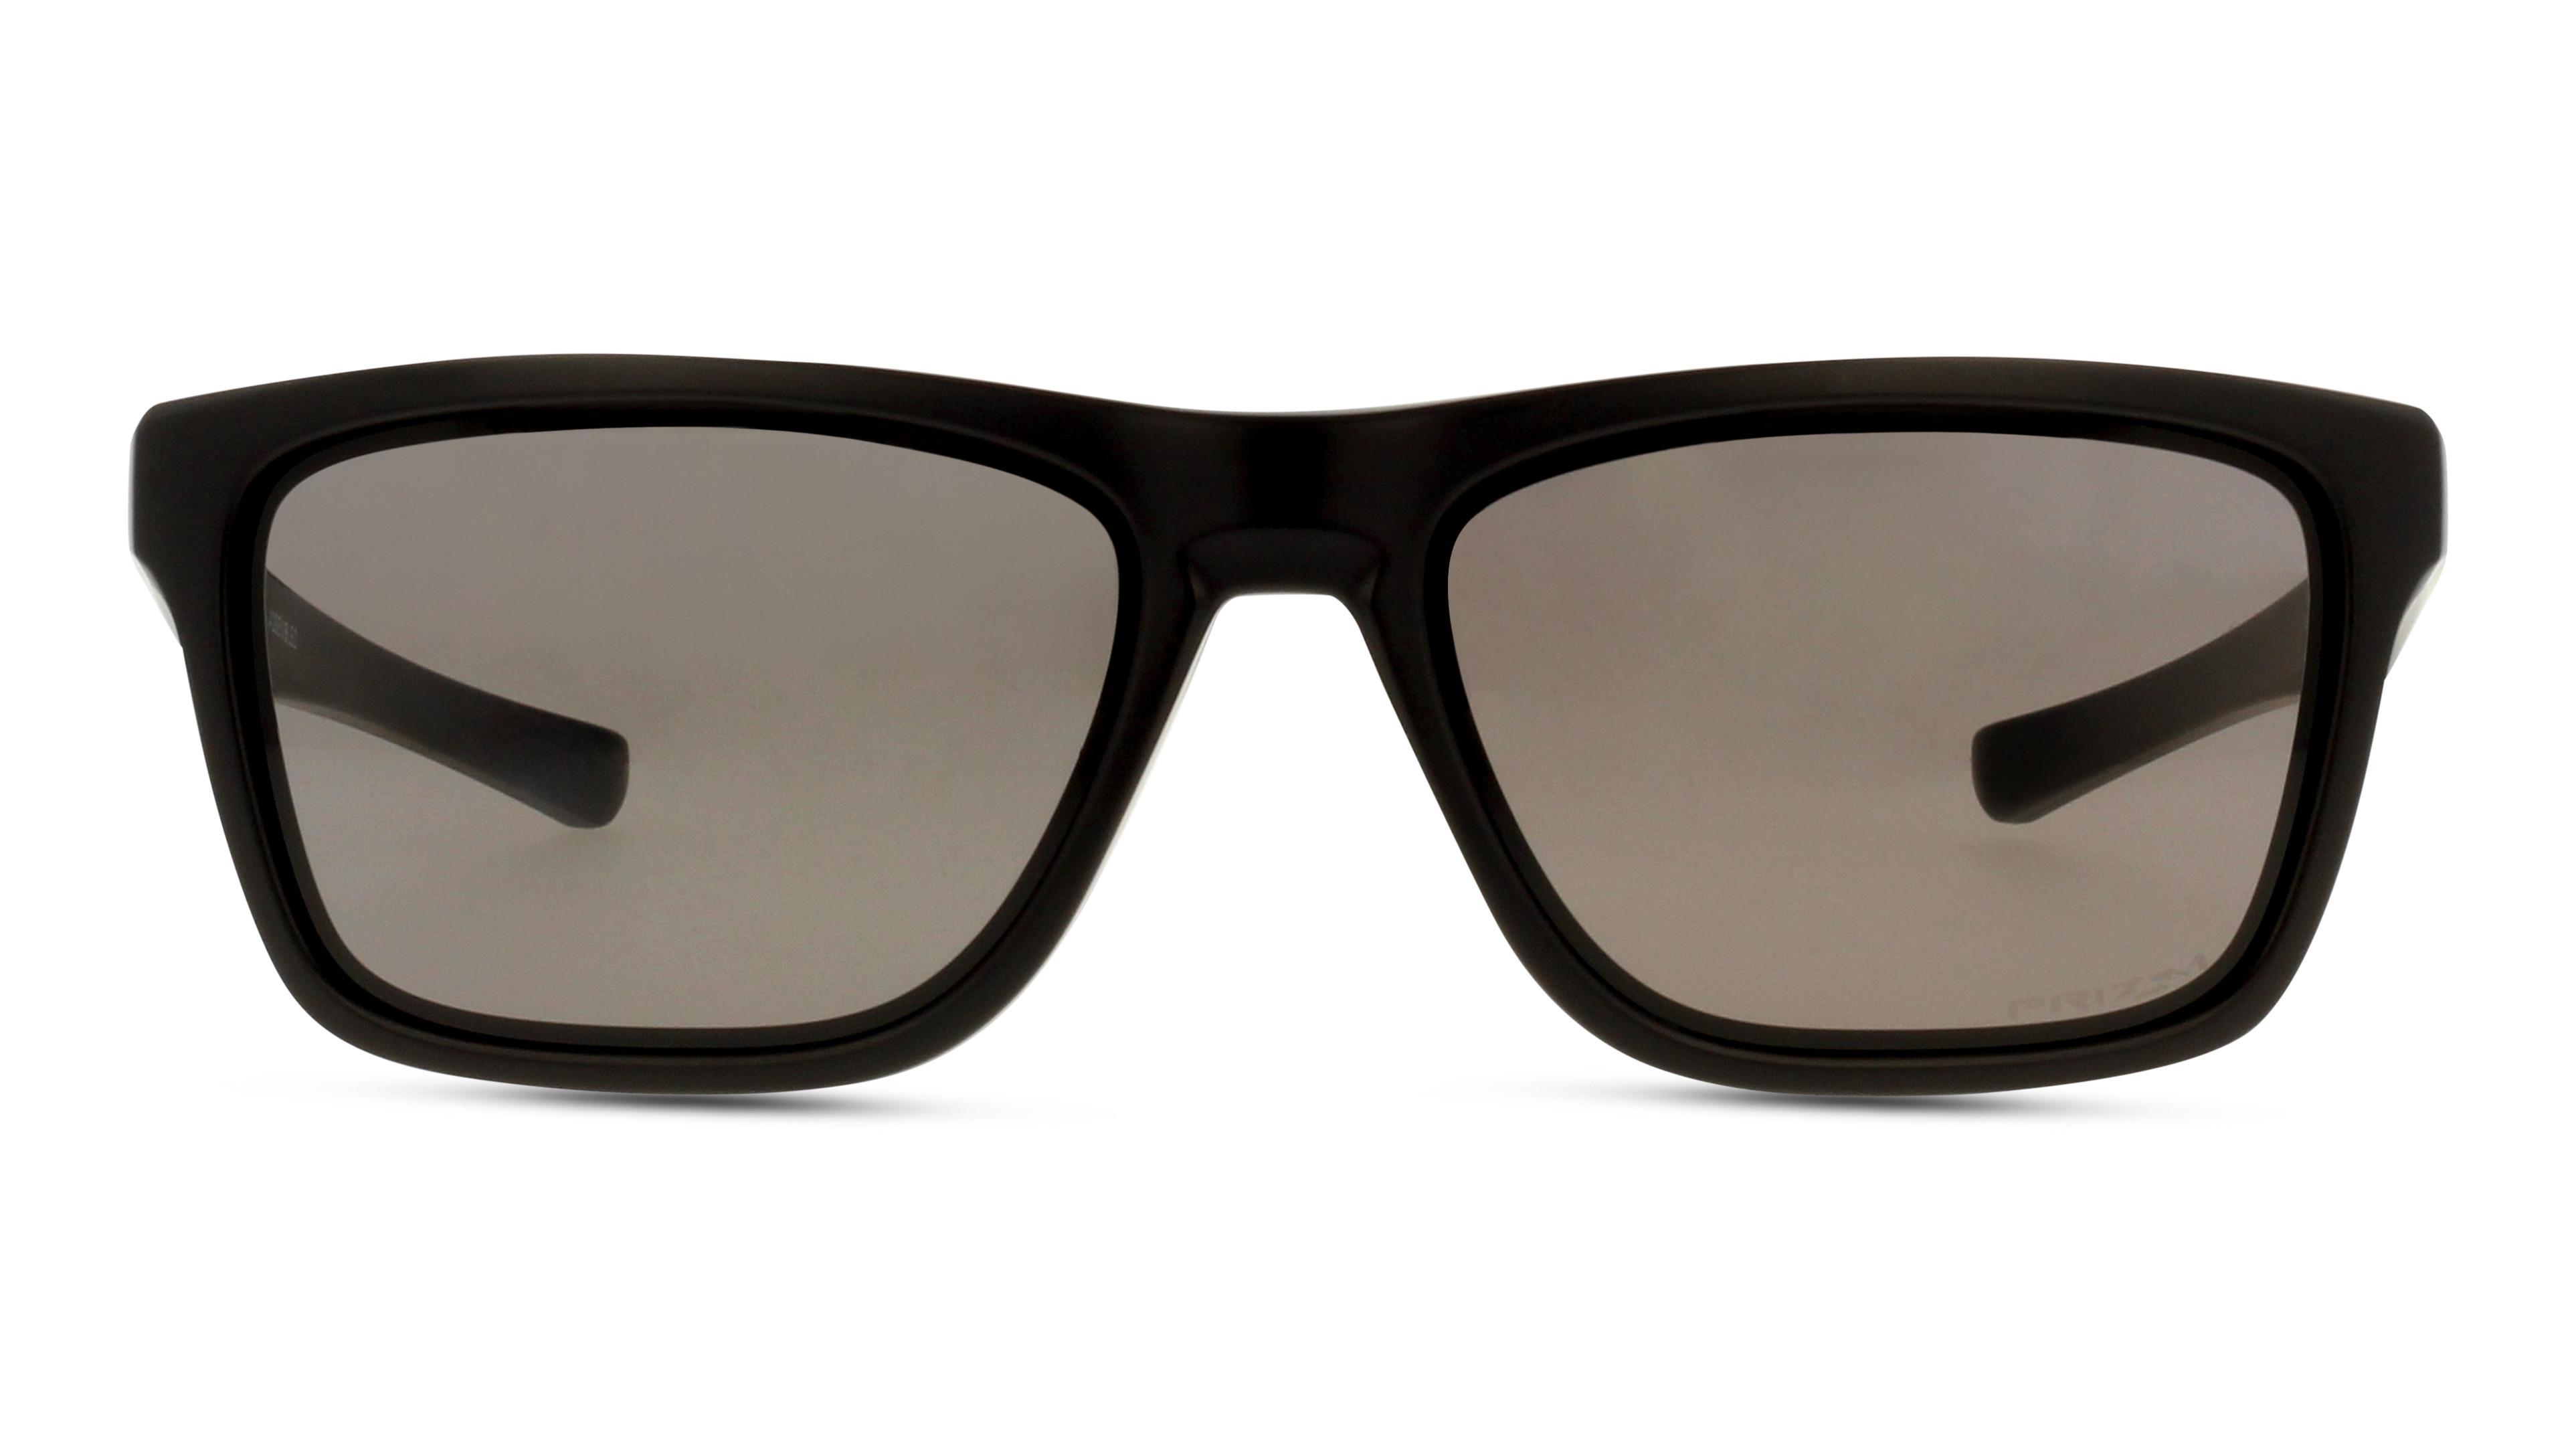 888392337184-front-01-oakley-oo9334-holston-matte-black